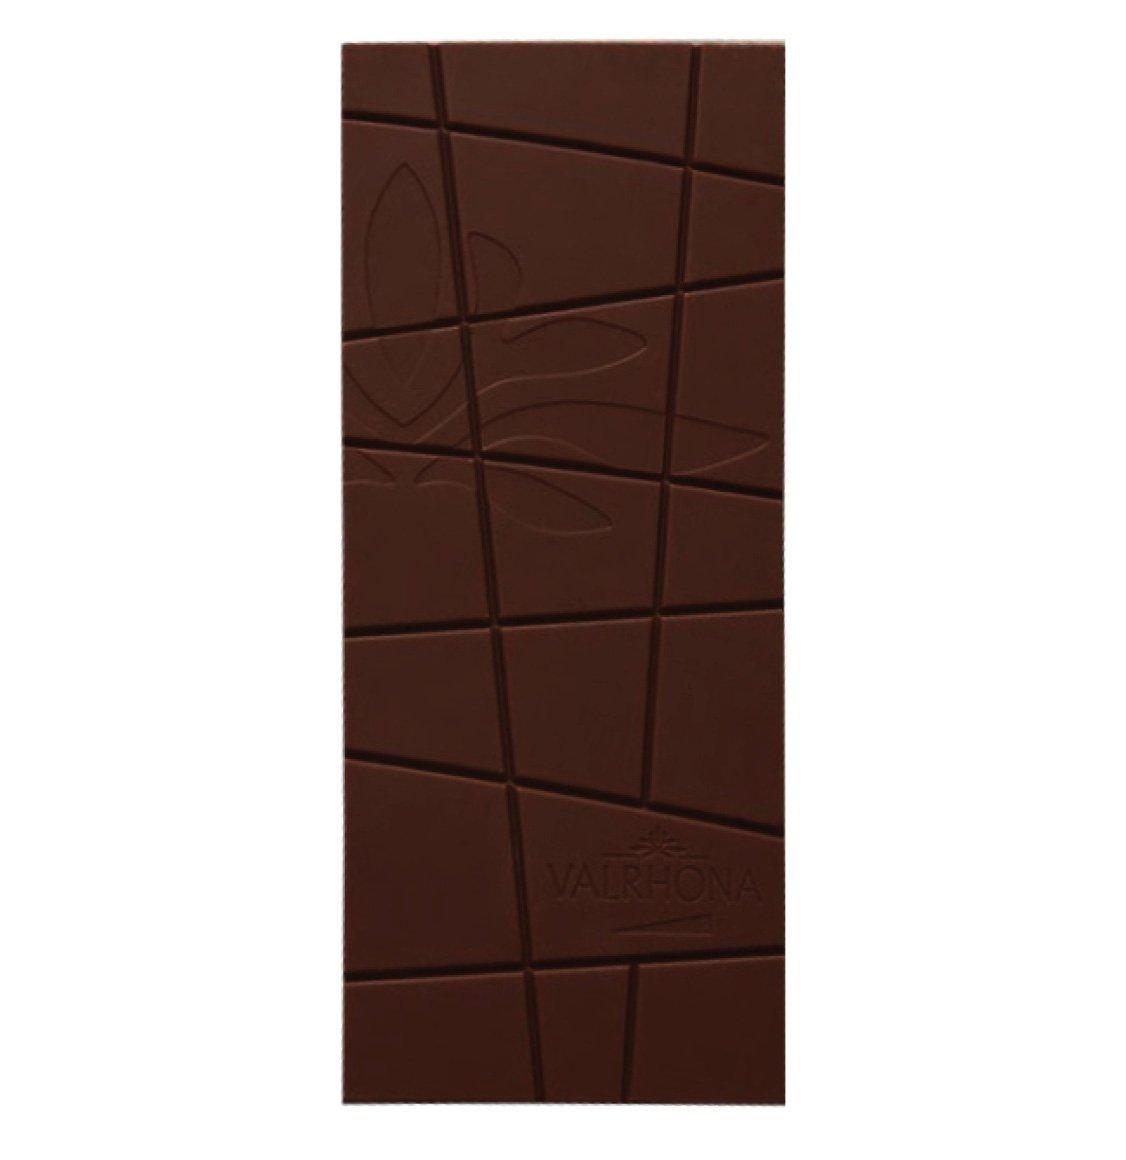 Valrhona Tainori Fruity and Intense Dark Chocolate 70g